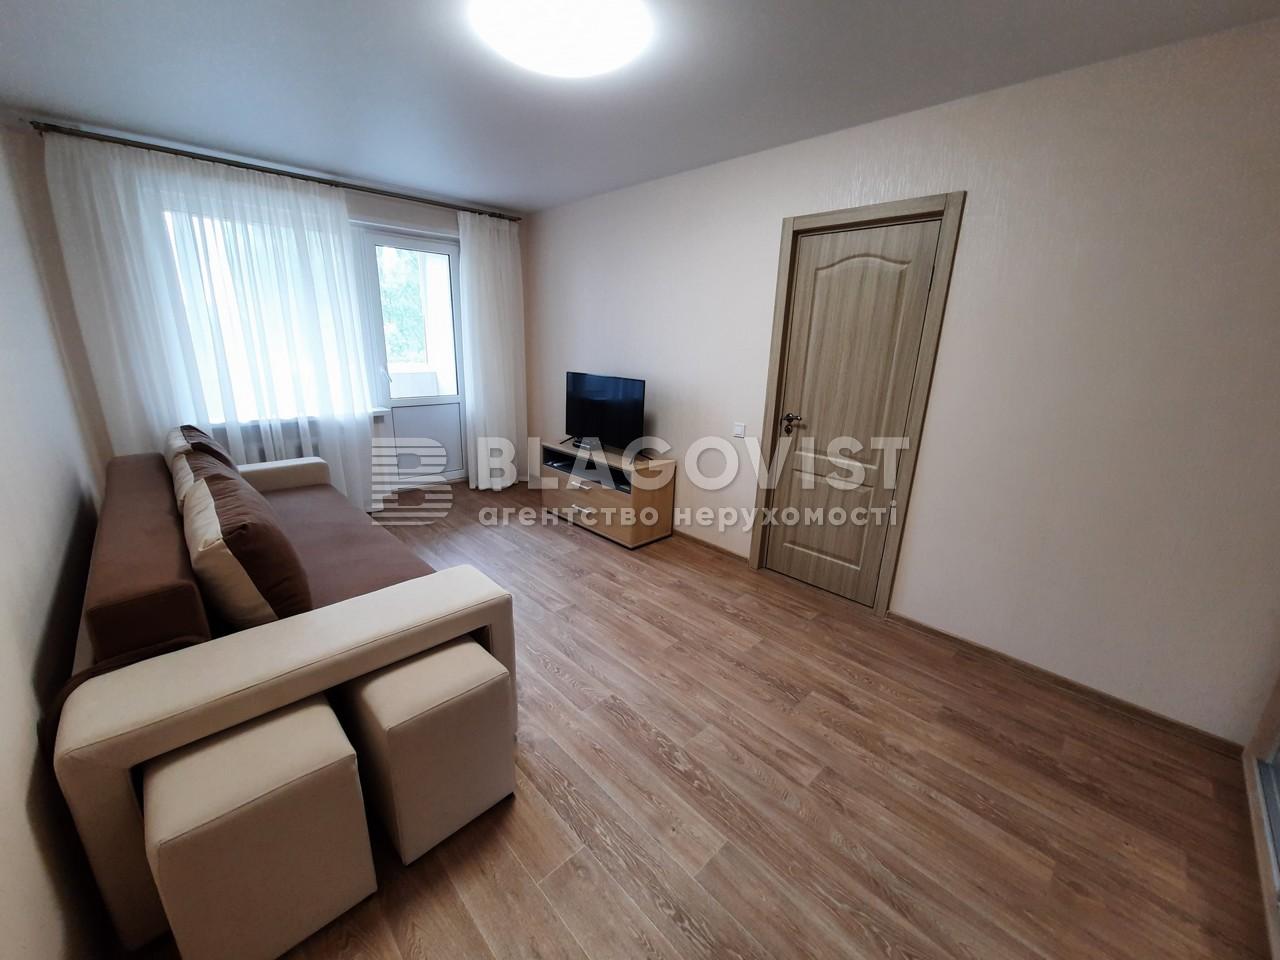 Квартира E-40965, Булаховского Академика, 30а, Киев - Фото 4